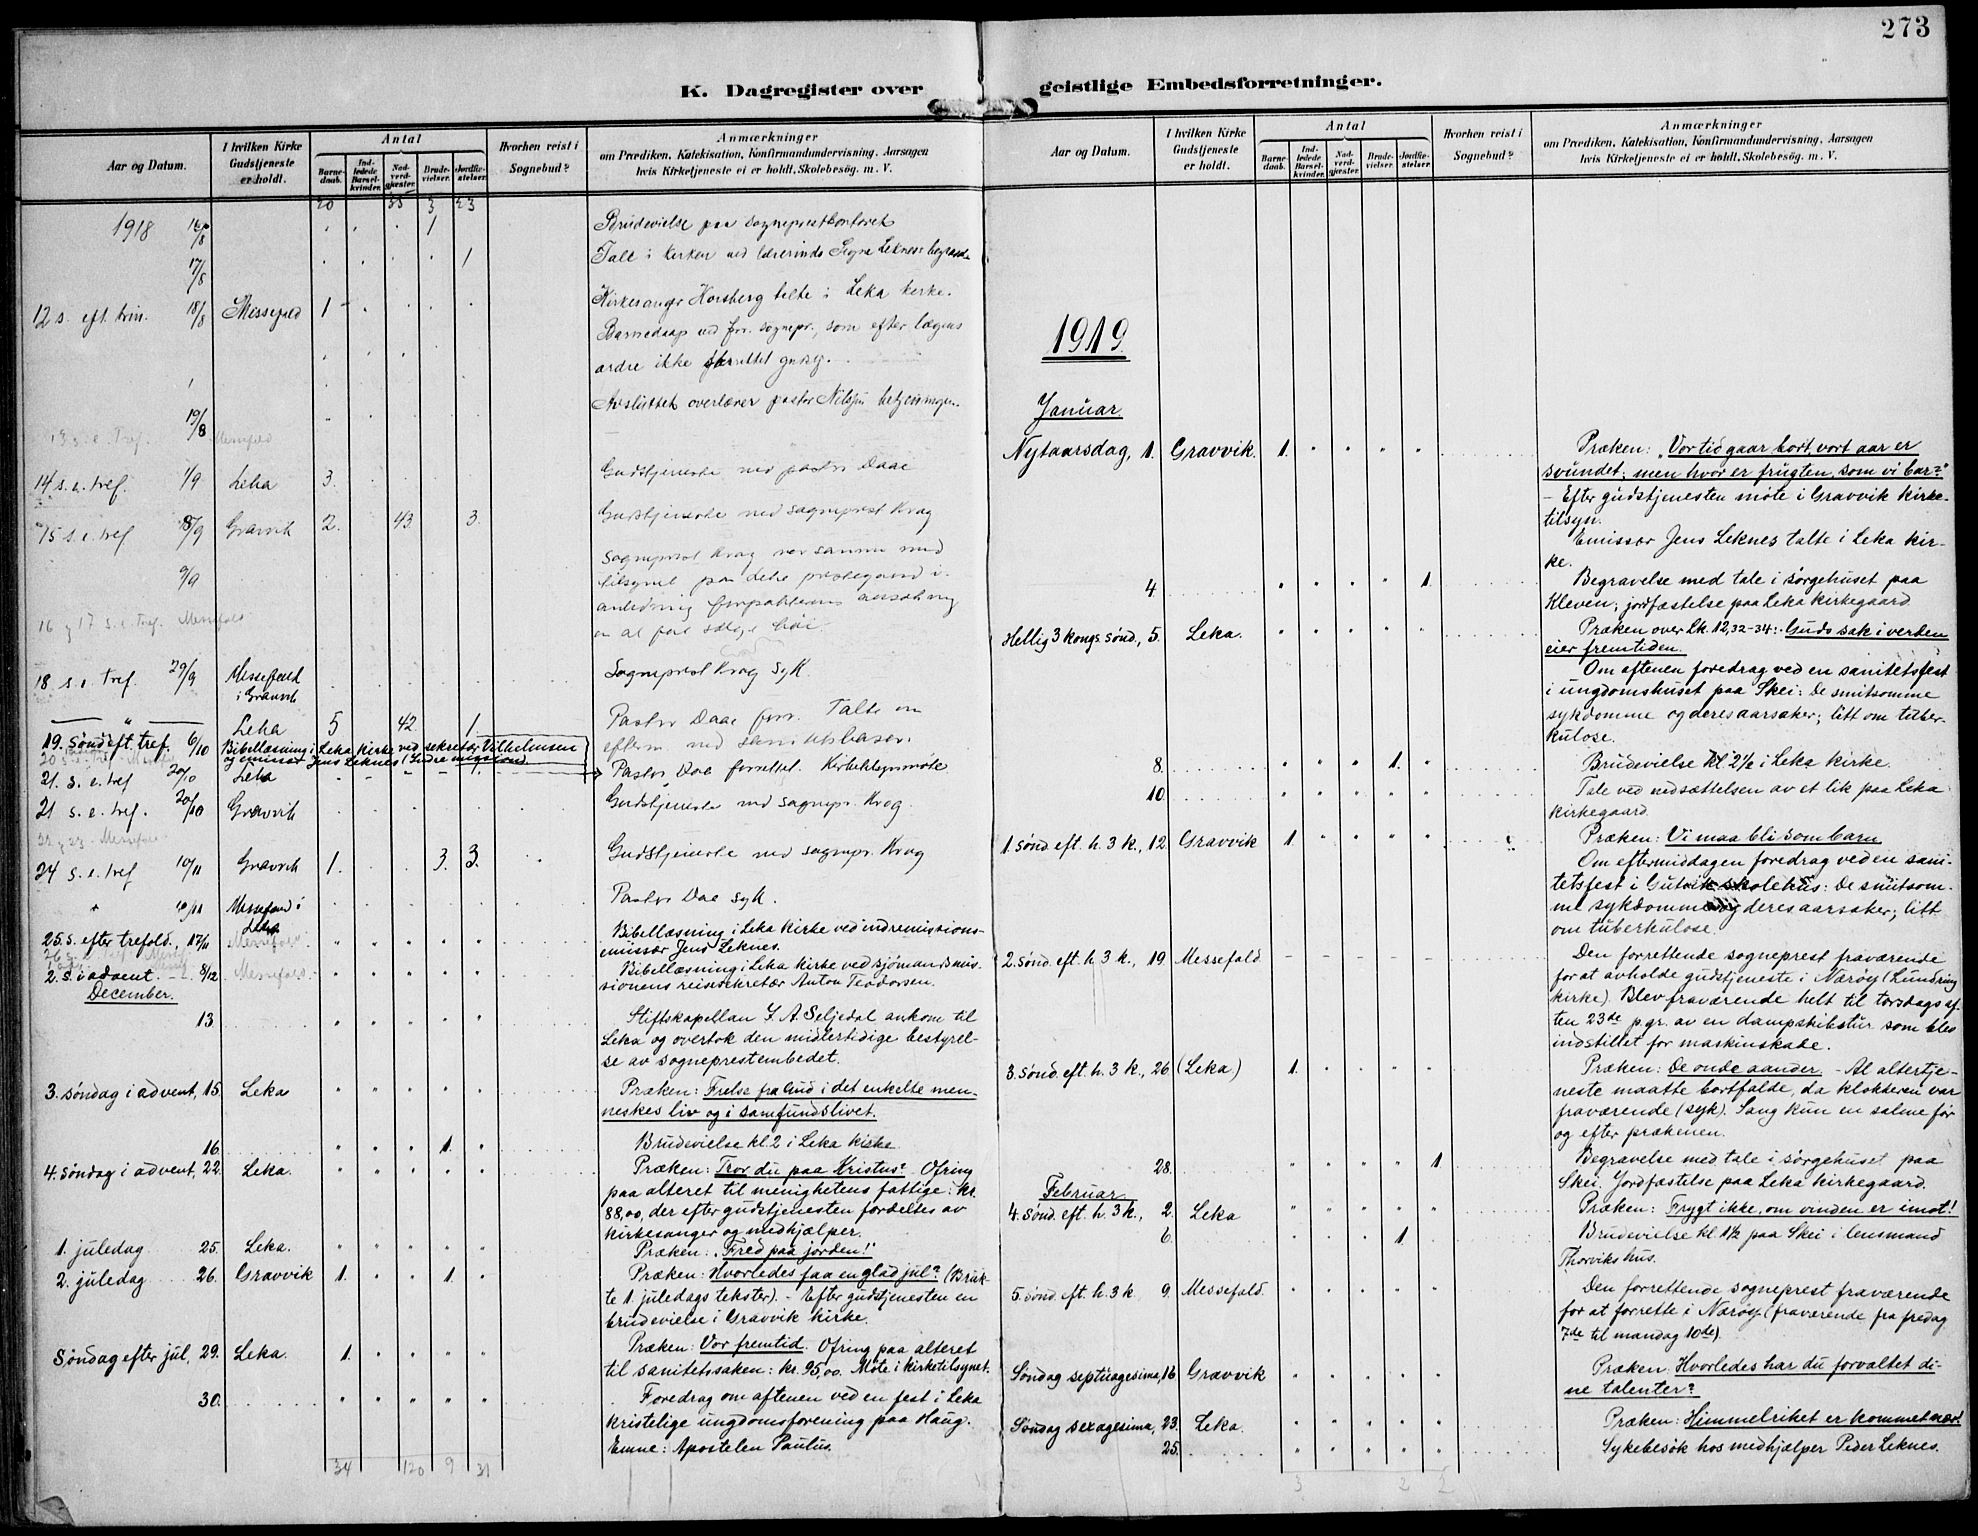 SAT, Ministerialprotokoller, klokkerbøker og fødselsregistre - Nord-Trøndelag, 788/L0698: Ministerialbok nr. 788A05, 1902-1921, s. 273